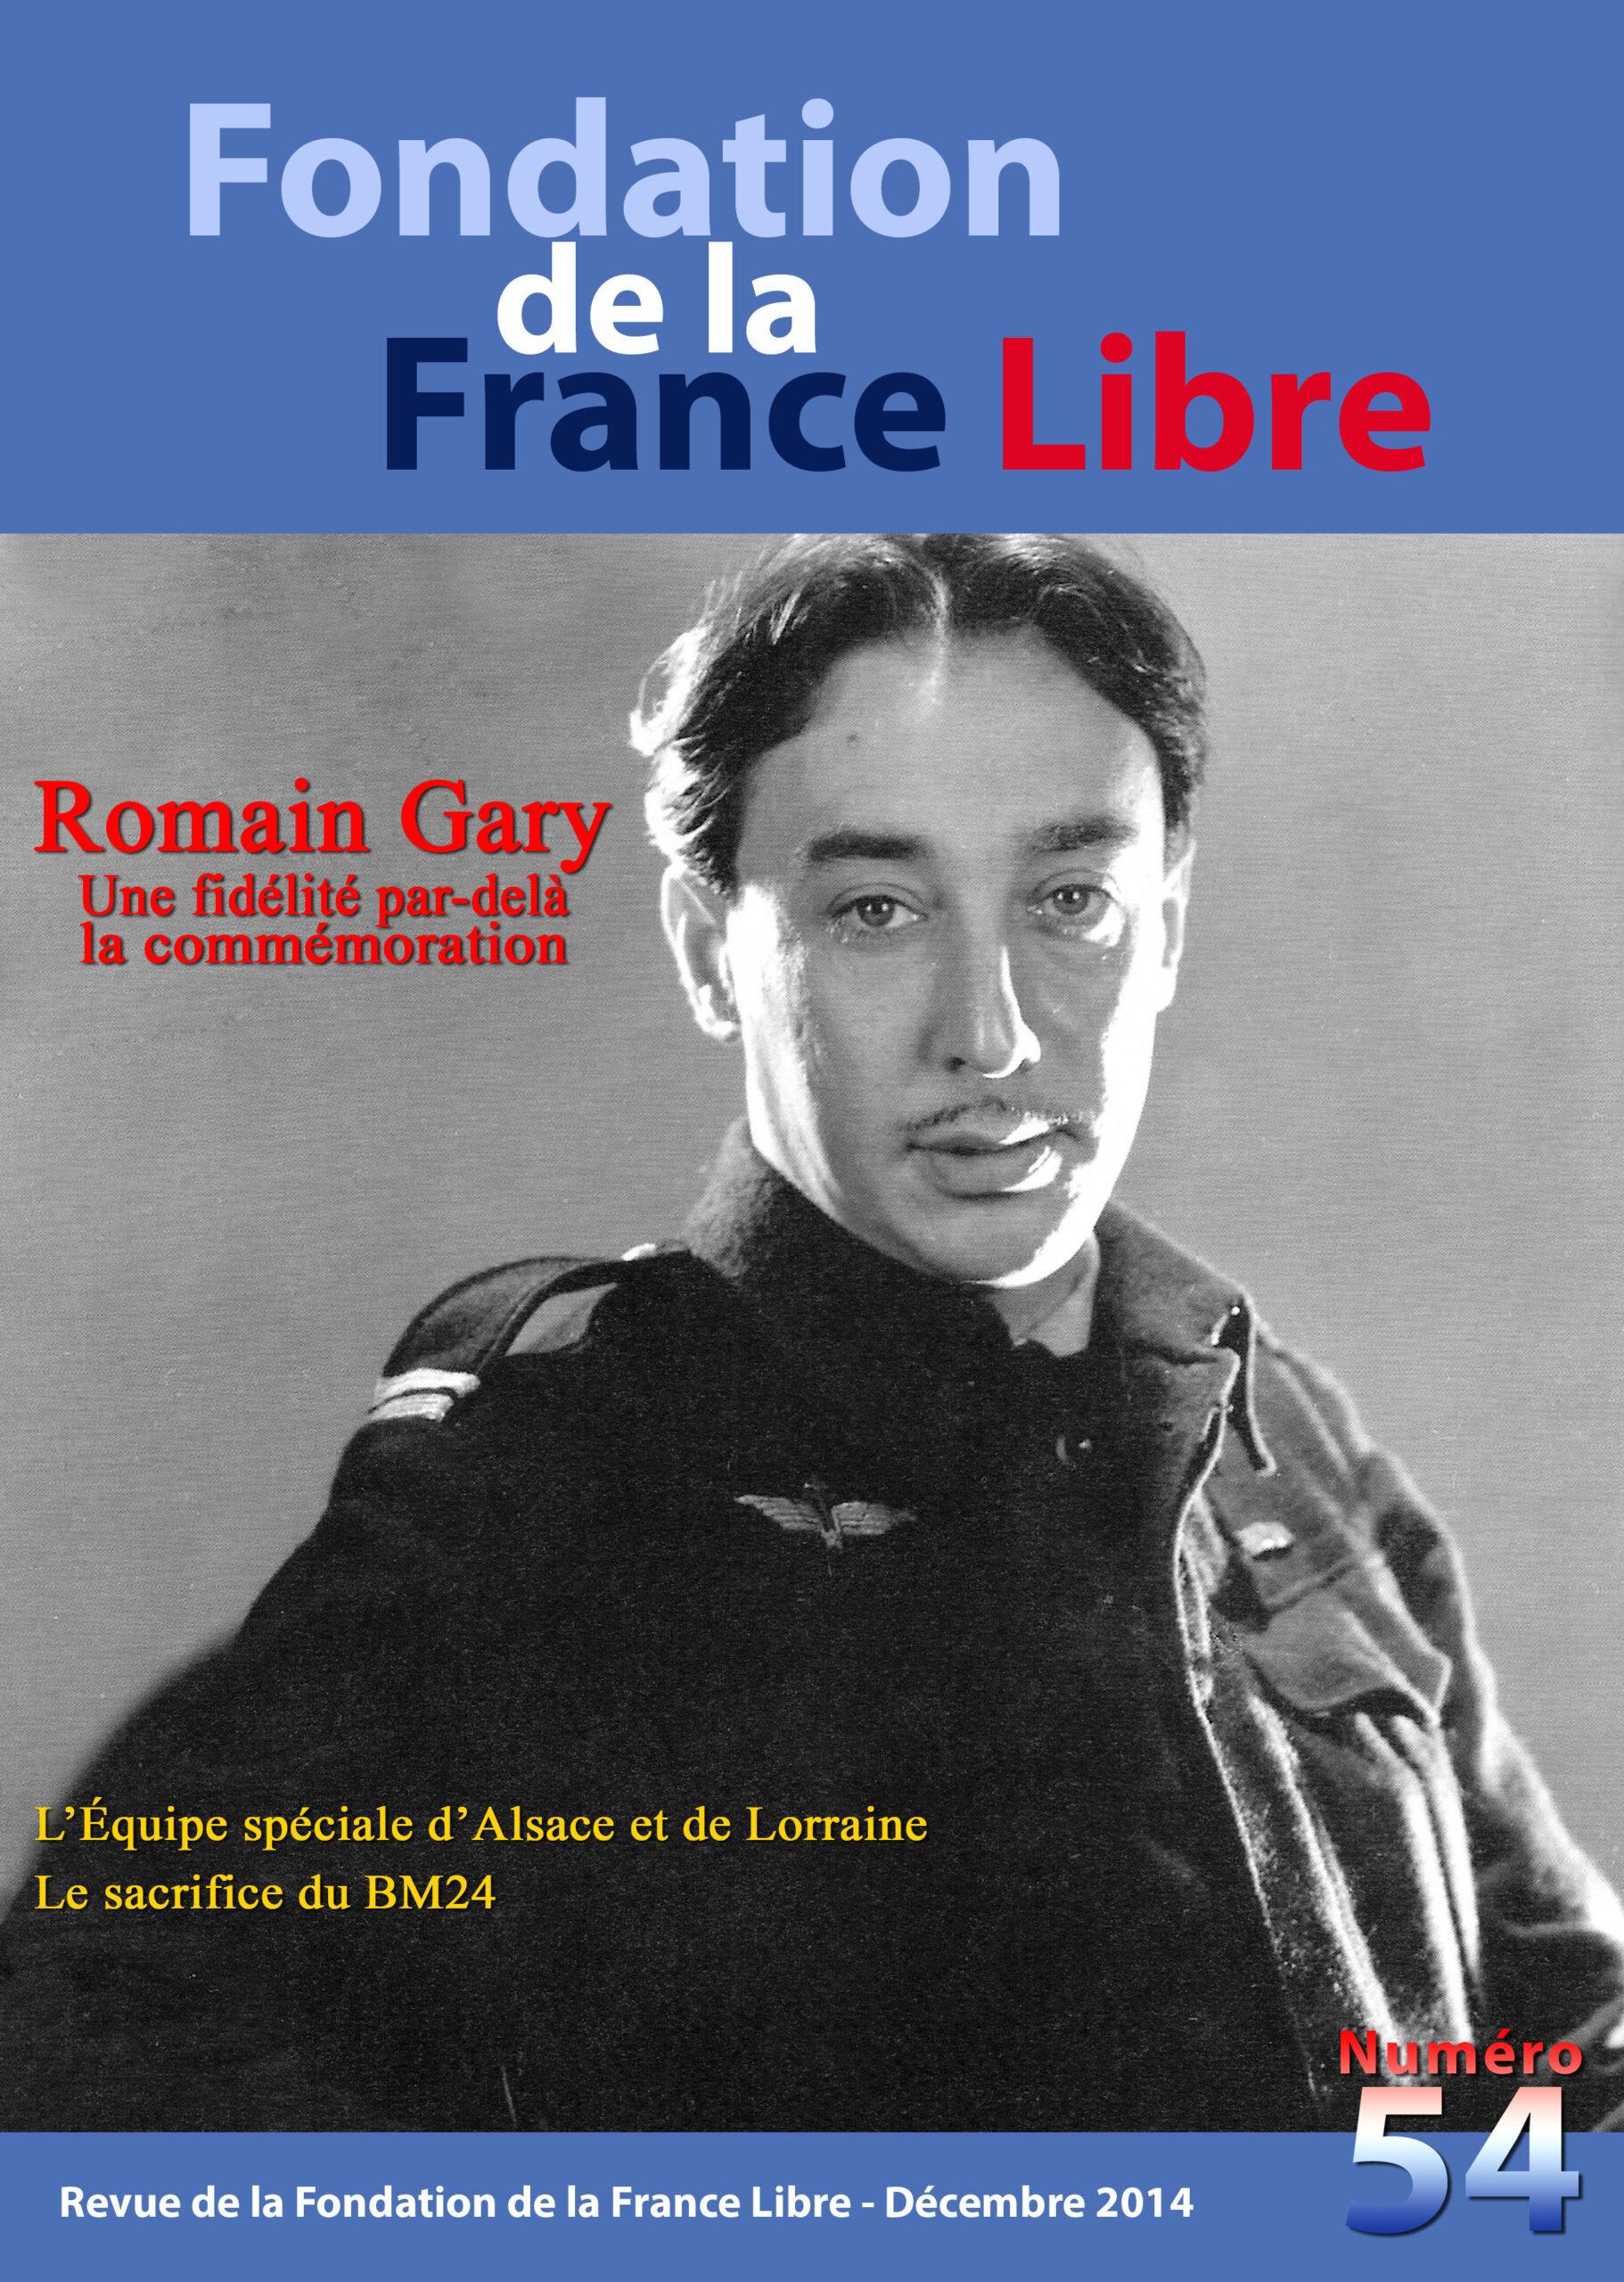 Fondation de la France Libre, n° 54, décembre 2014